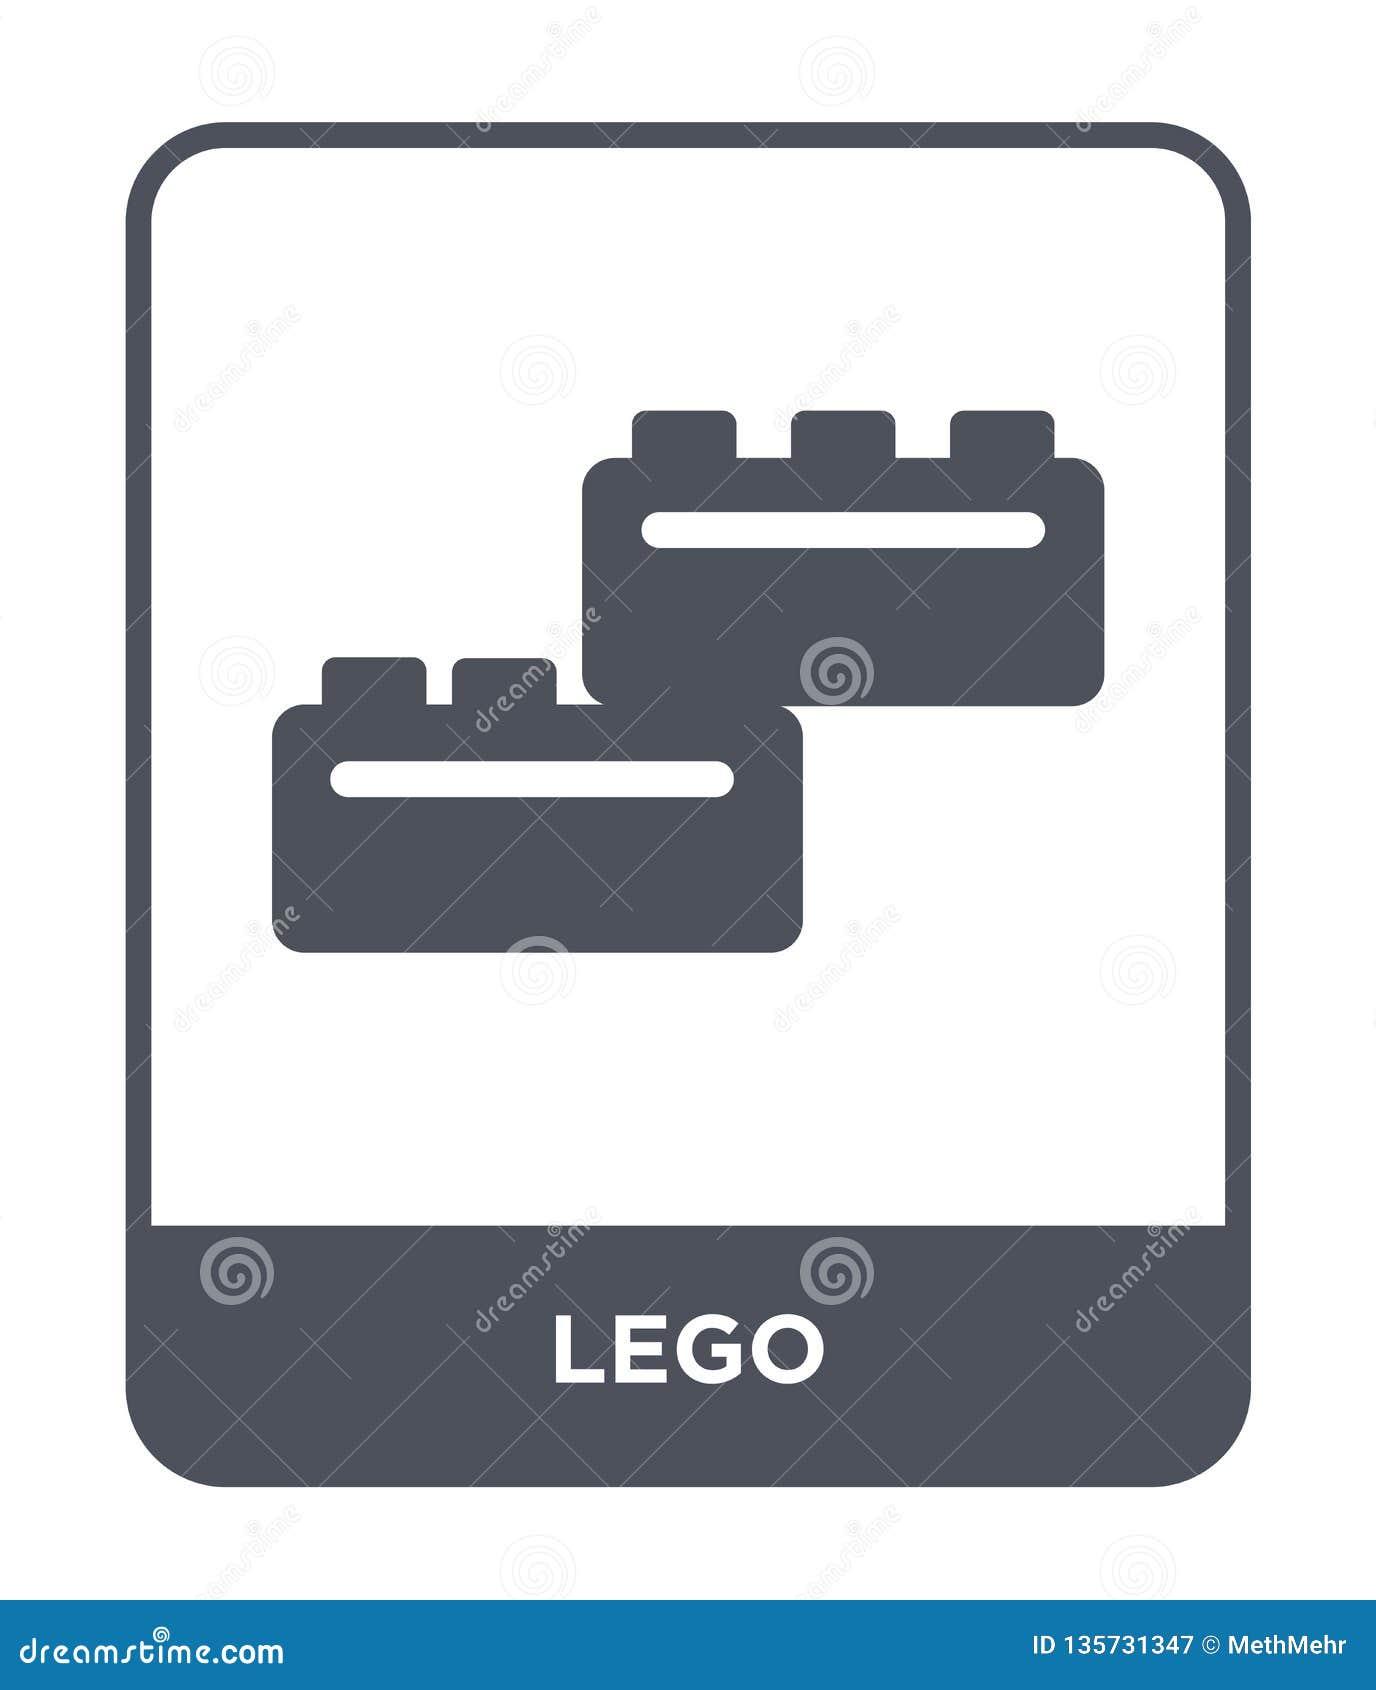 εικονίδιο lego στο καθιερώνον τη μόδα ύφος σχεδίου εικονίδιο lego που απομονώνεται στο άσπρο υπόβαθρο απλό και σύγχρονο επίπεδο σ